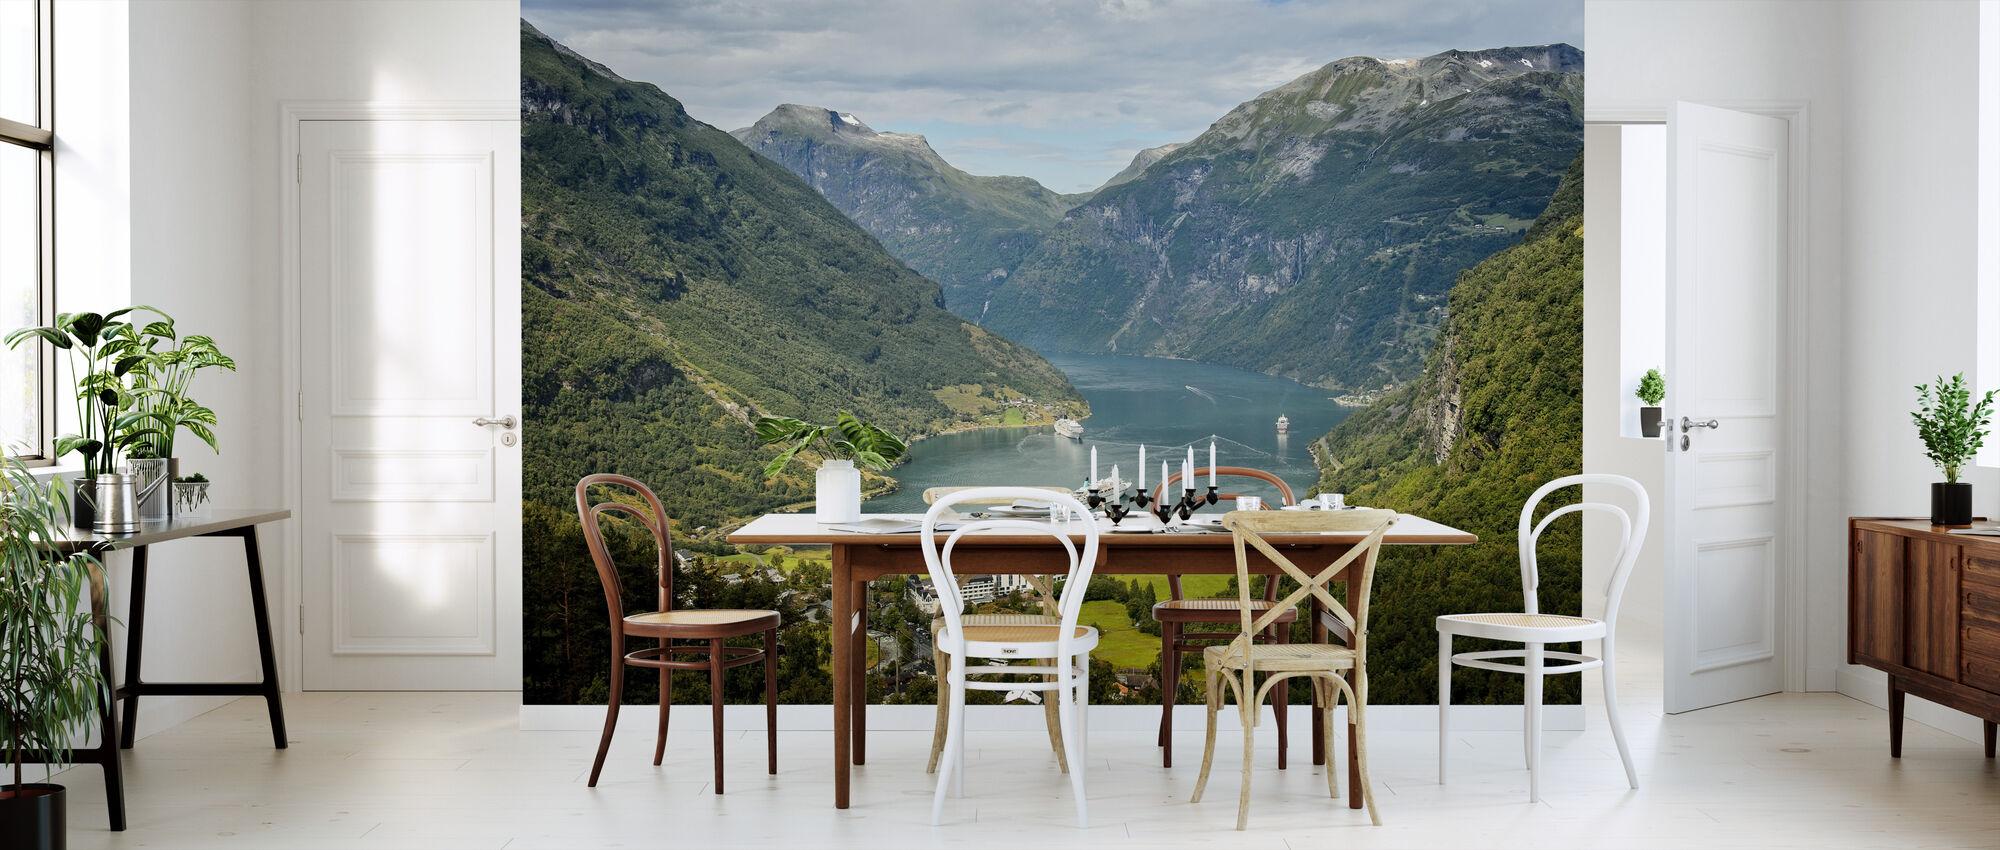 View Over Geirangerfjord - Wallpaper - Kitchen